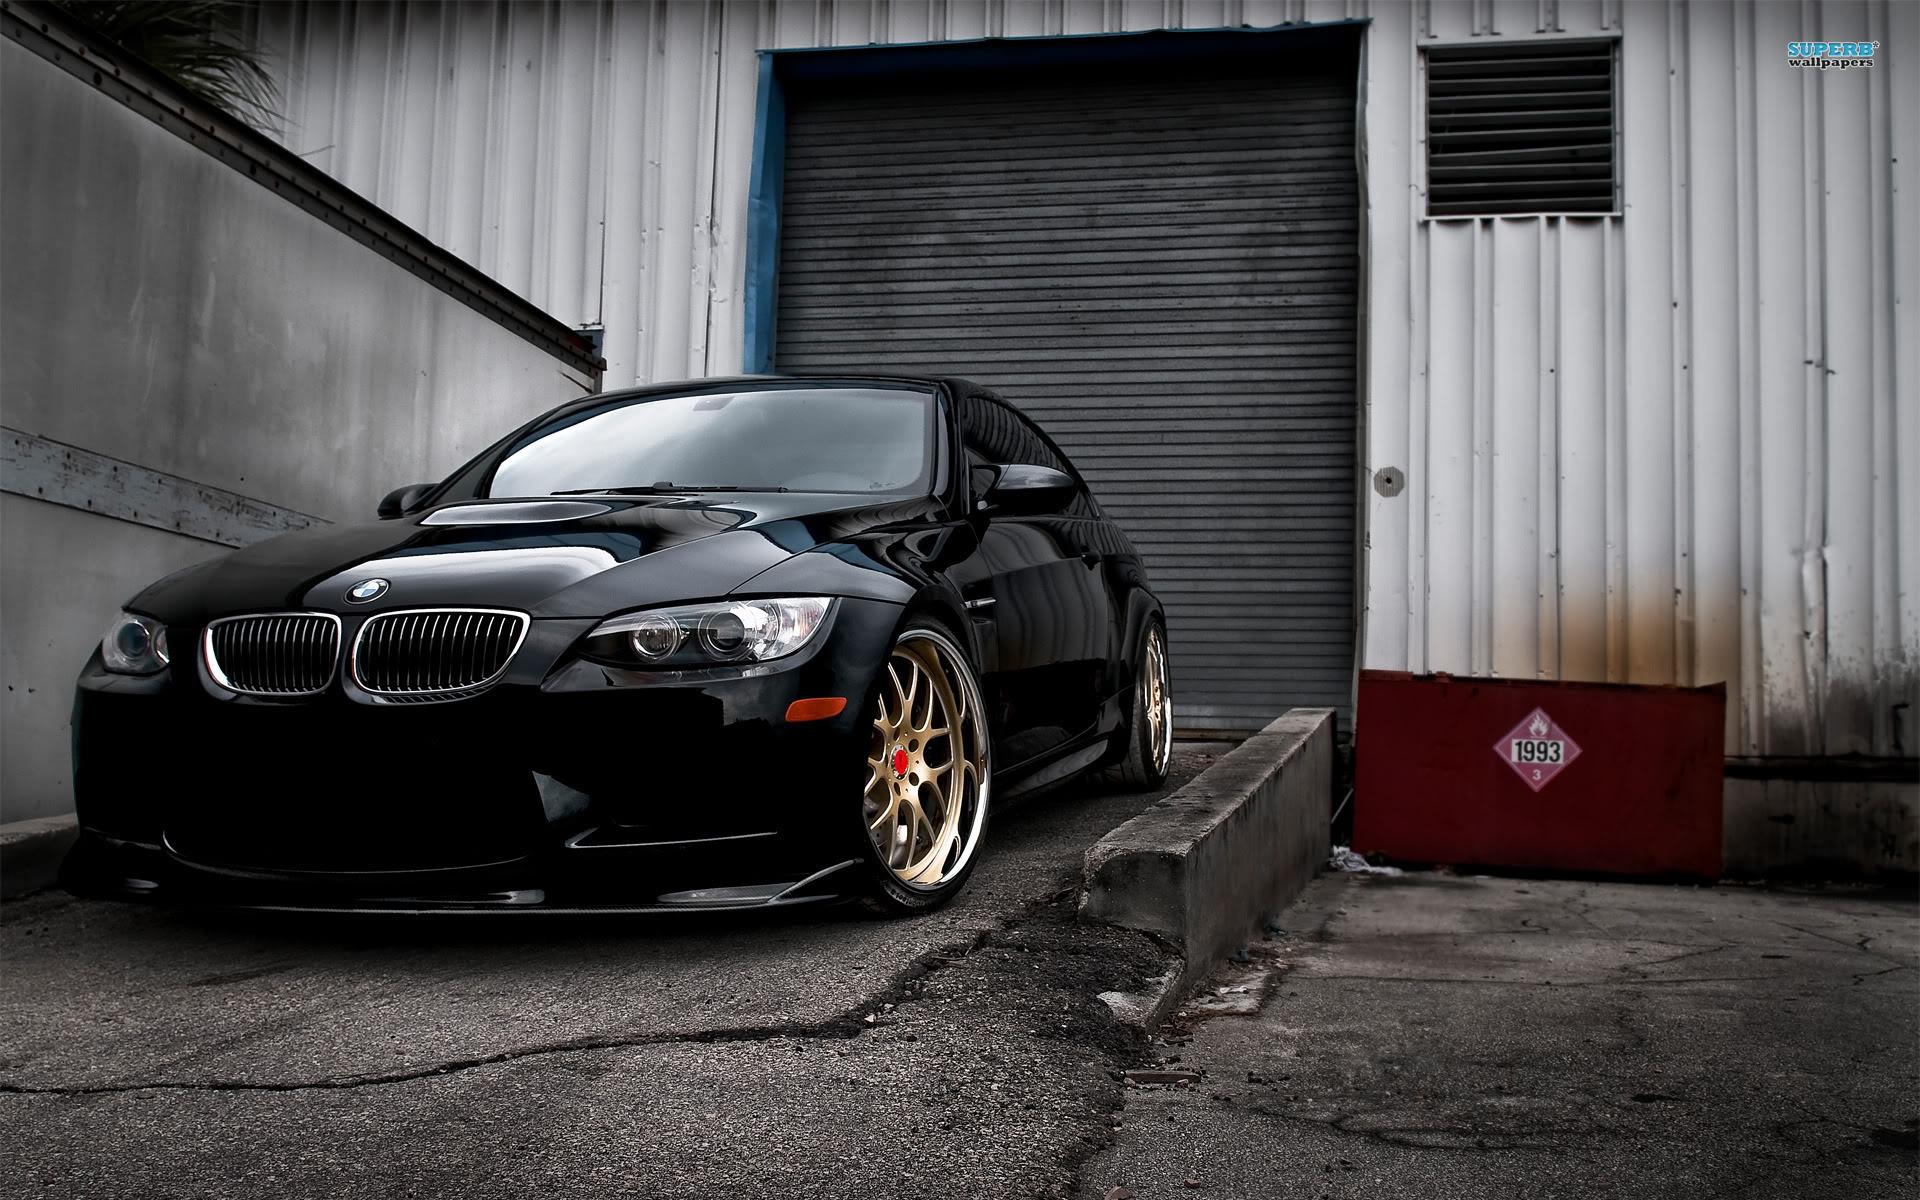 BMW m3 Wallpaper